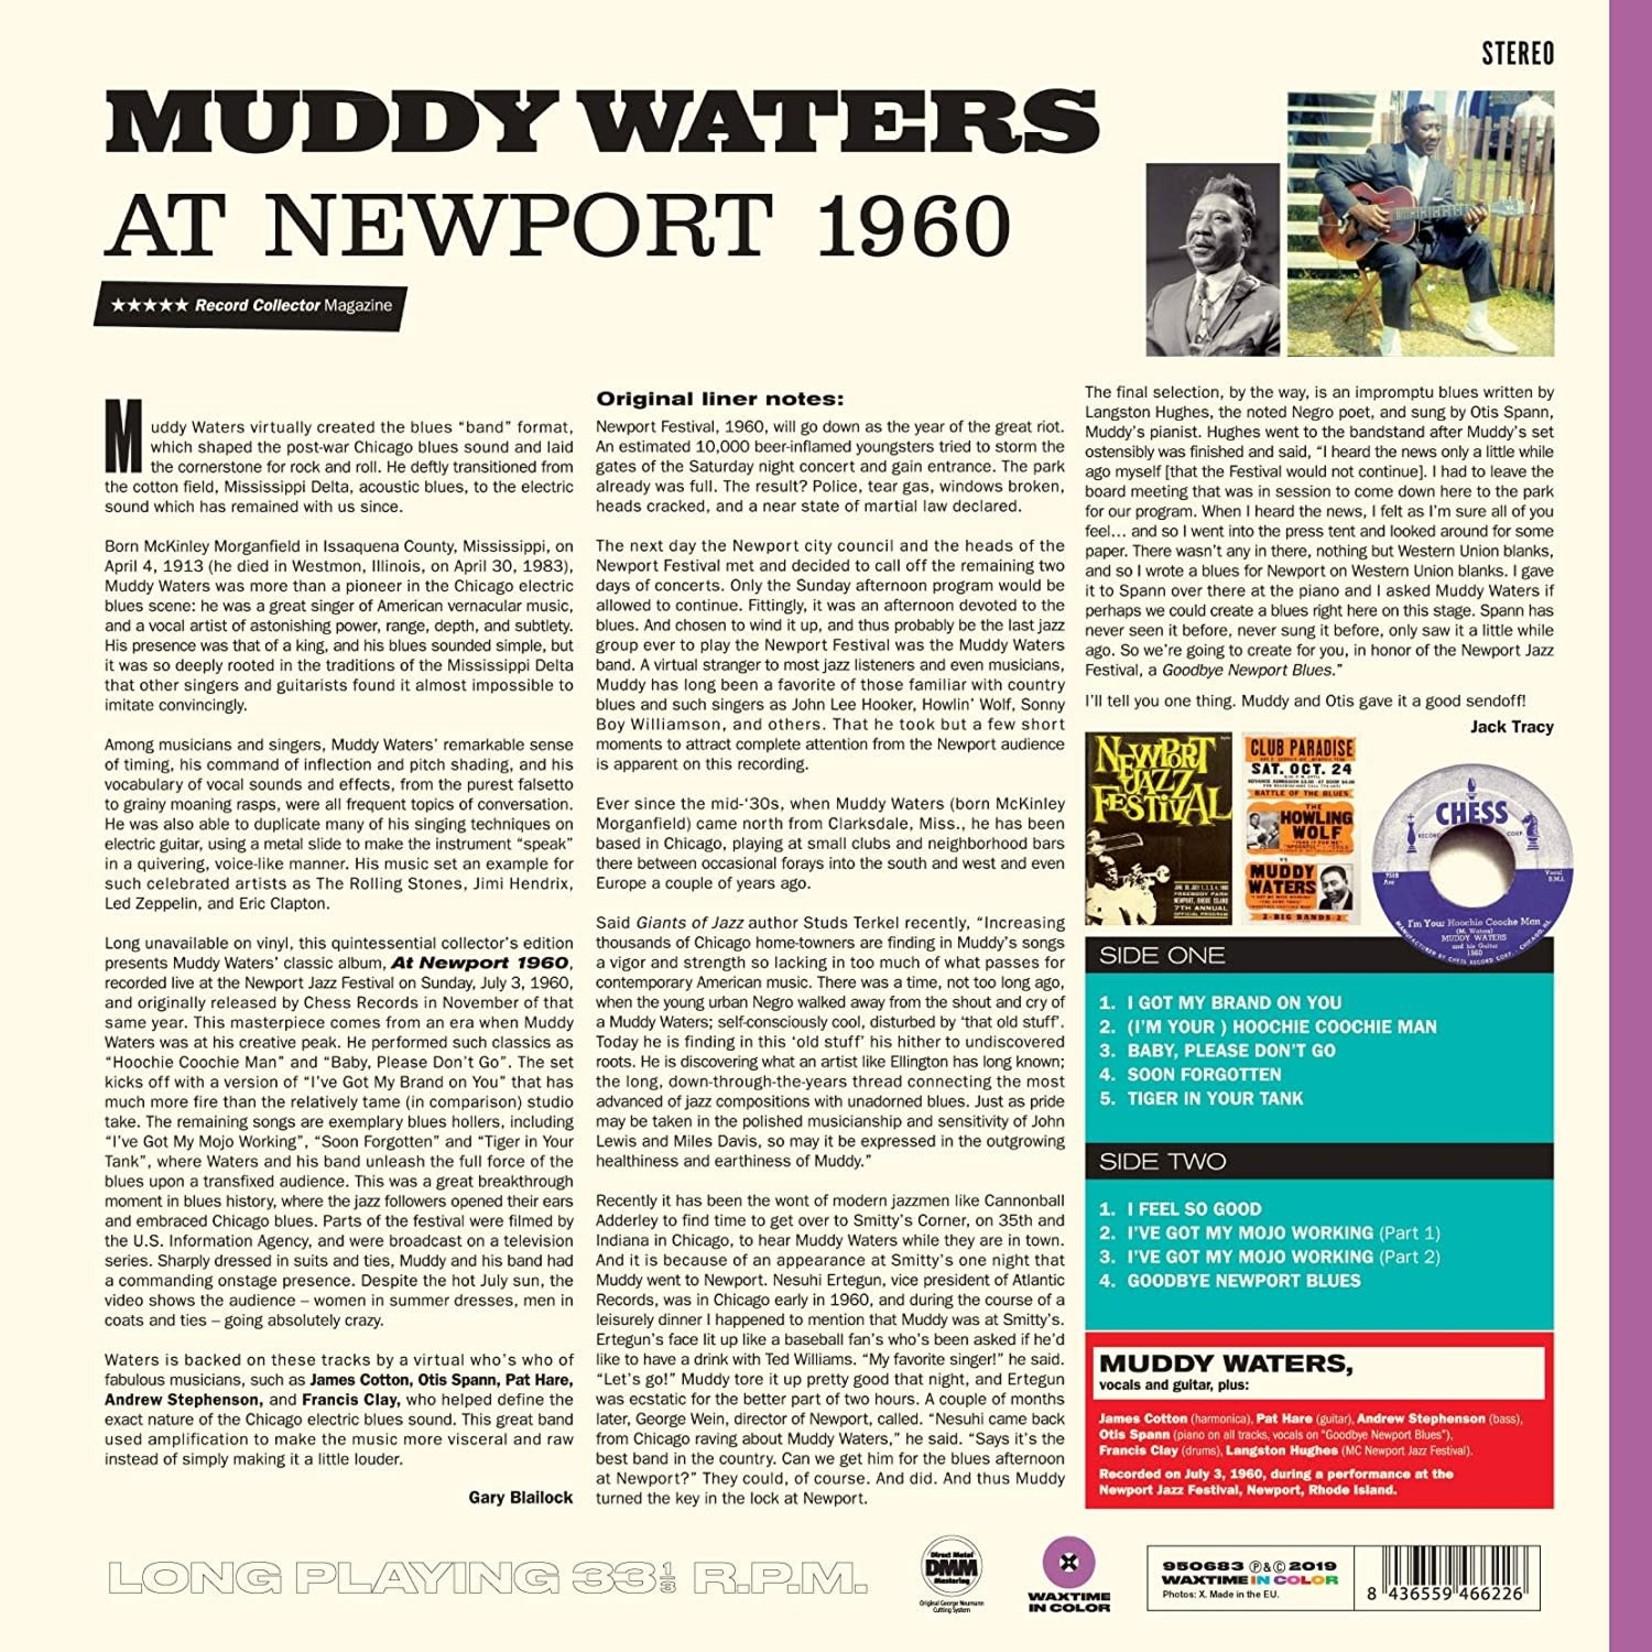 MUDDY WATERS AT NEWPORT 1960  LTD ED. PURPLE VINYL